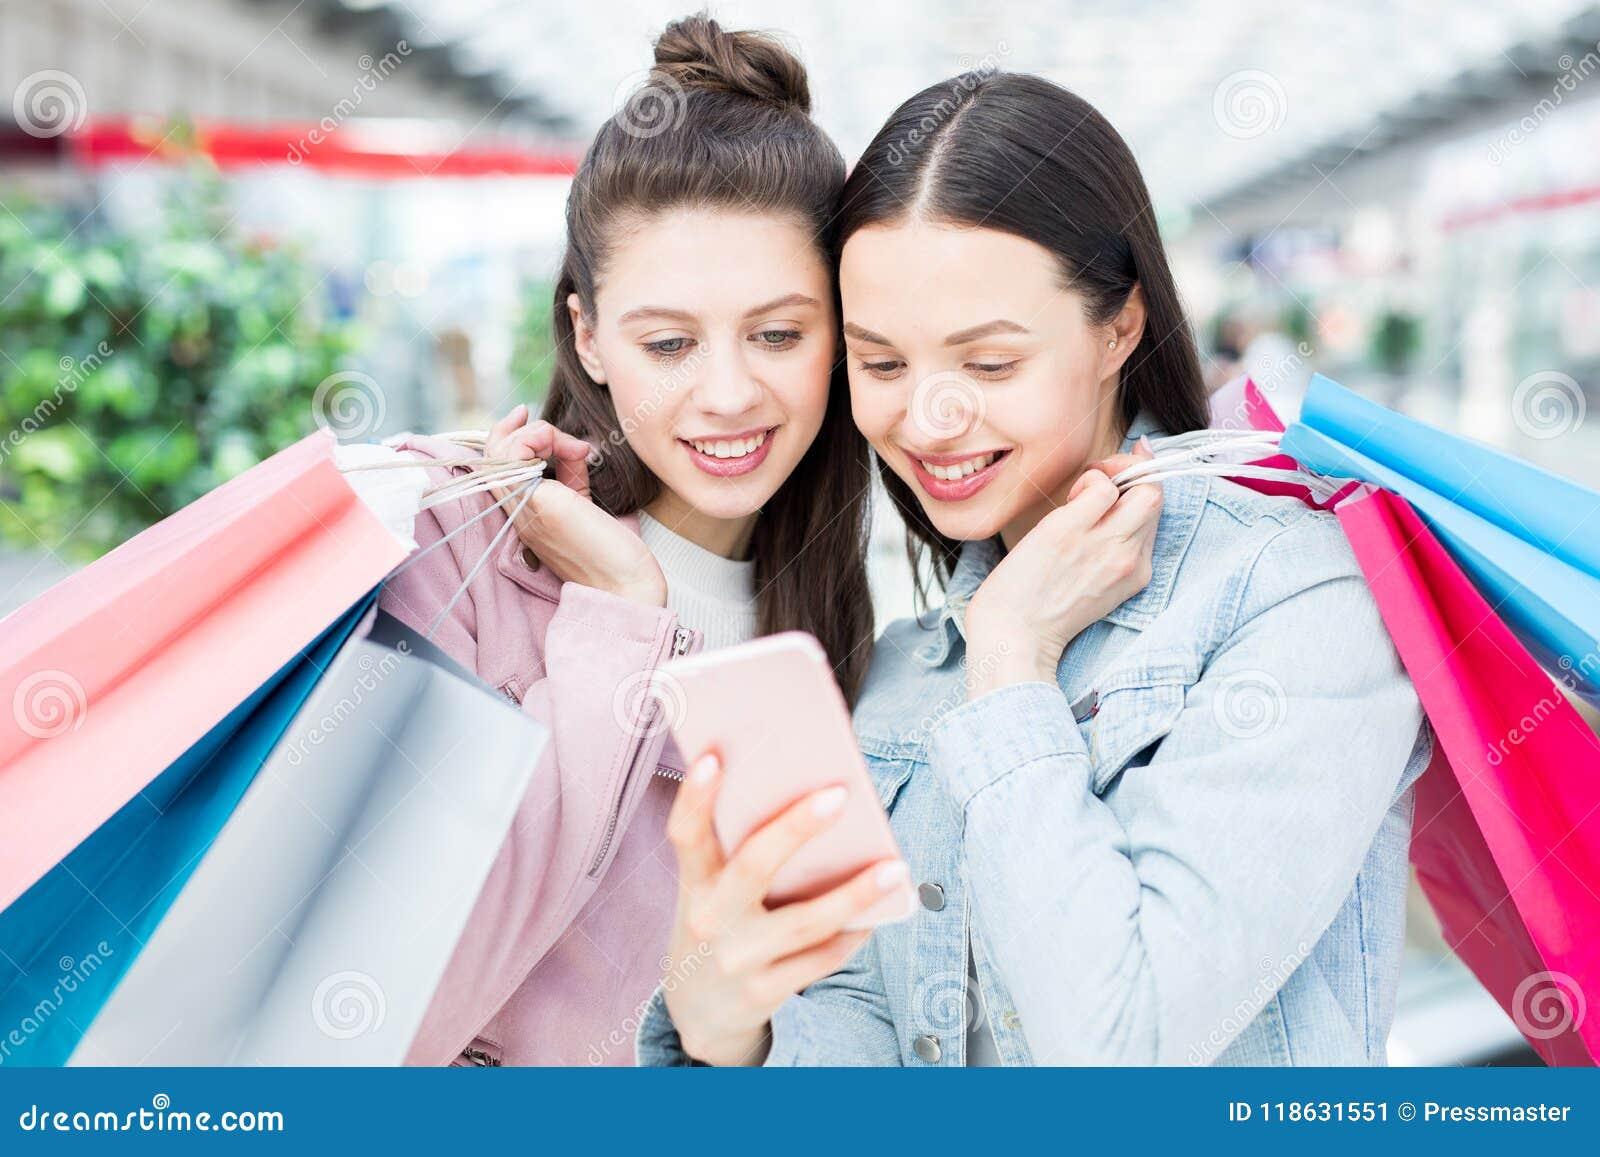 competitive price b24b7 49464 Ragazze Allegre Che Usando App Di Compera Online Immagine ...